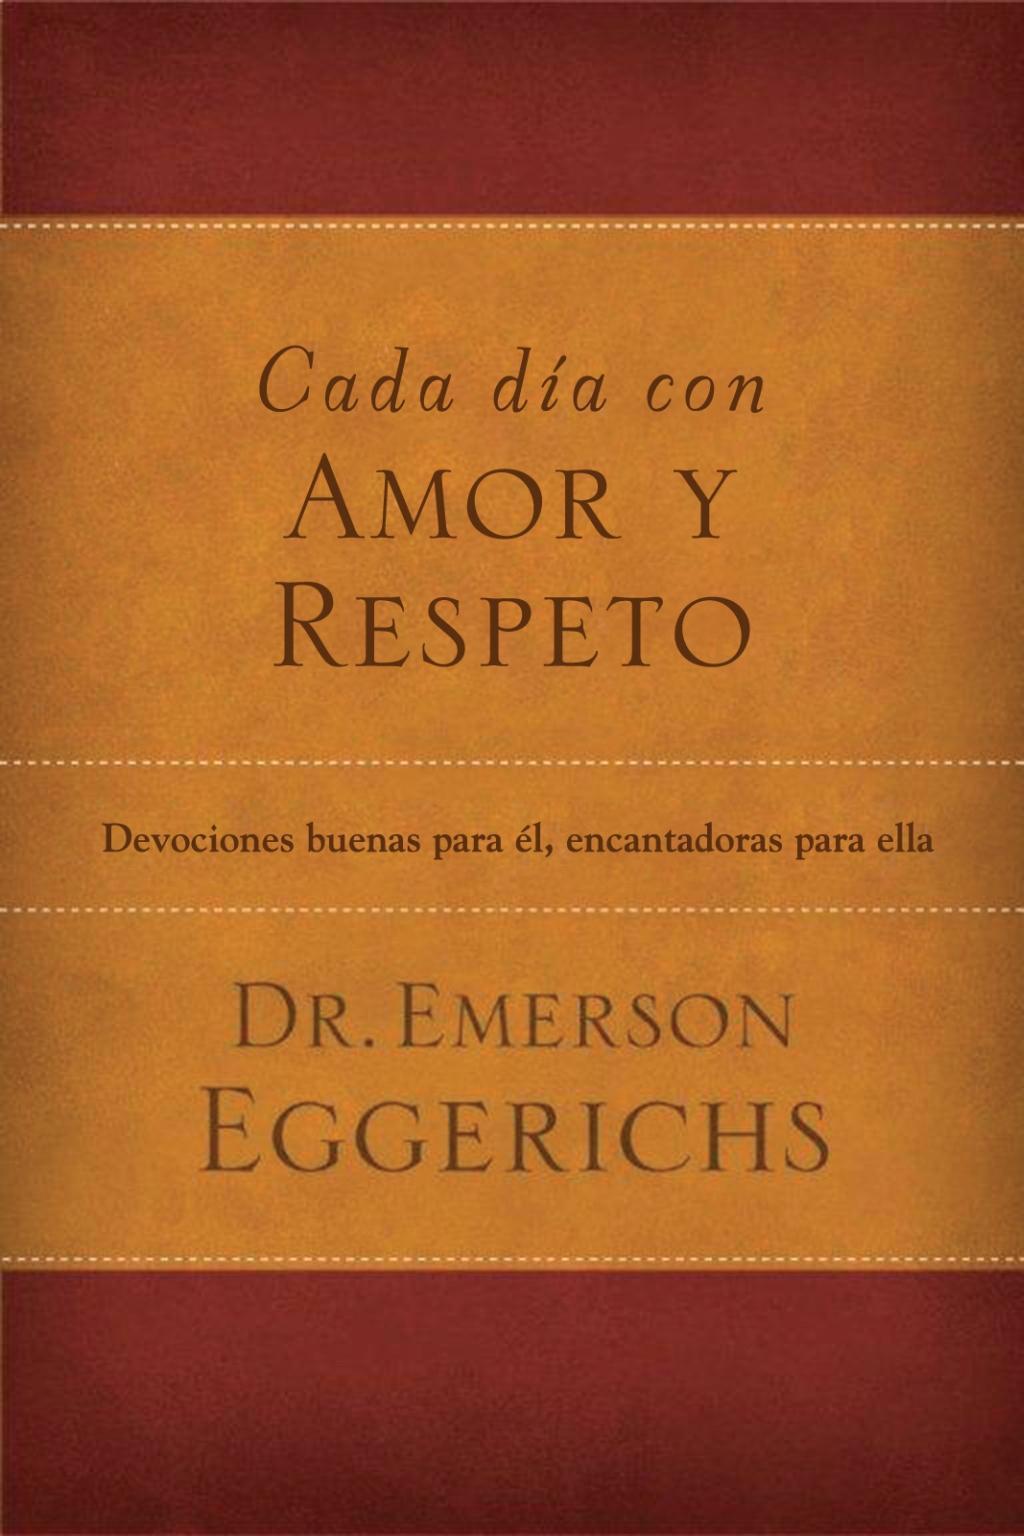 Cada día con amor y respeto